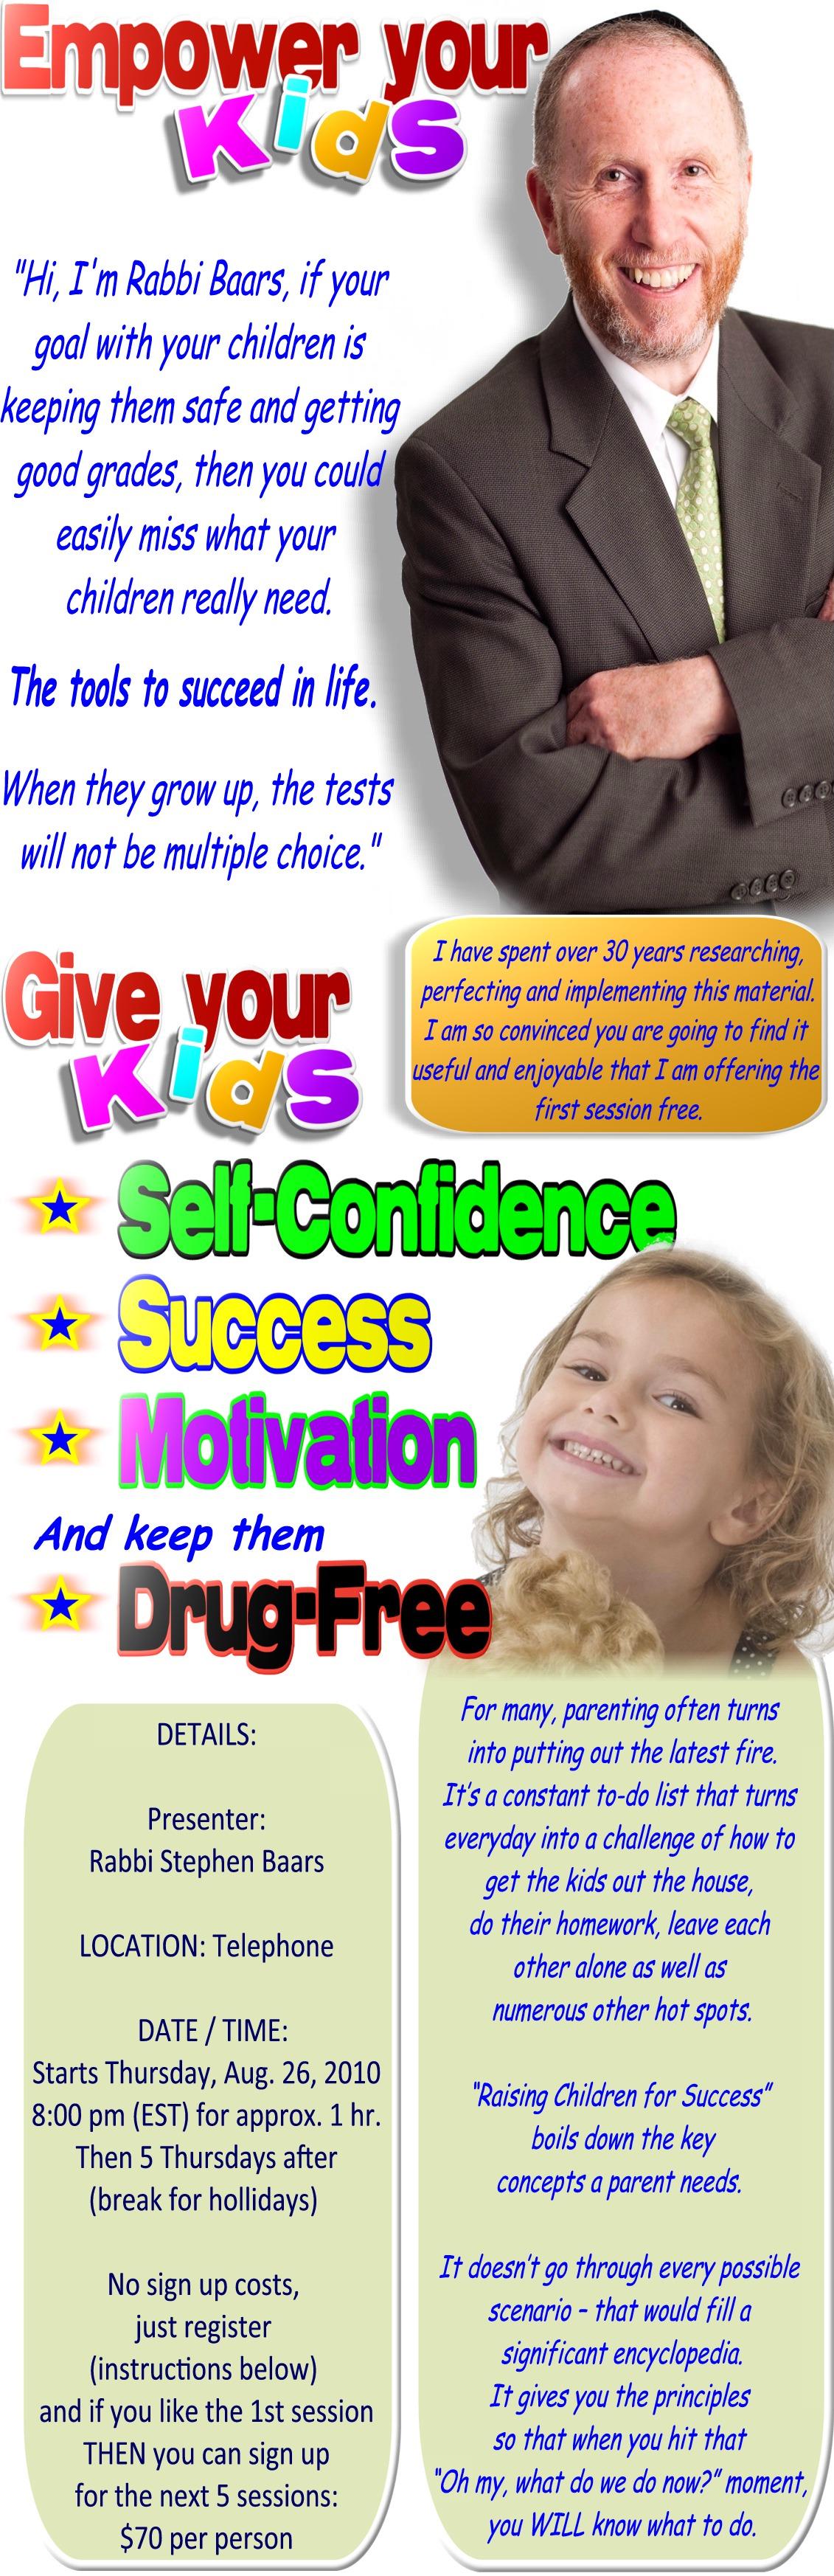 raising children for success 5.jpg